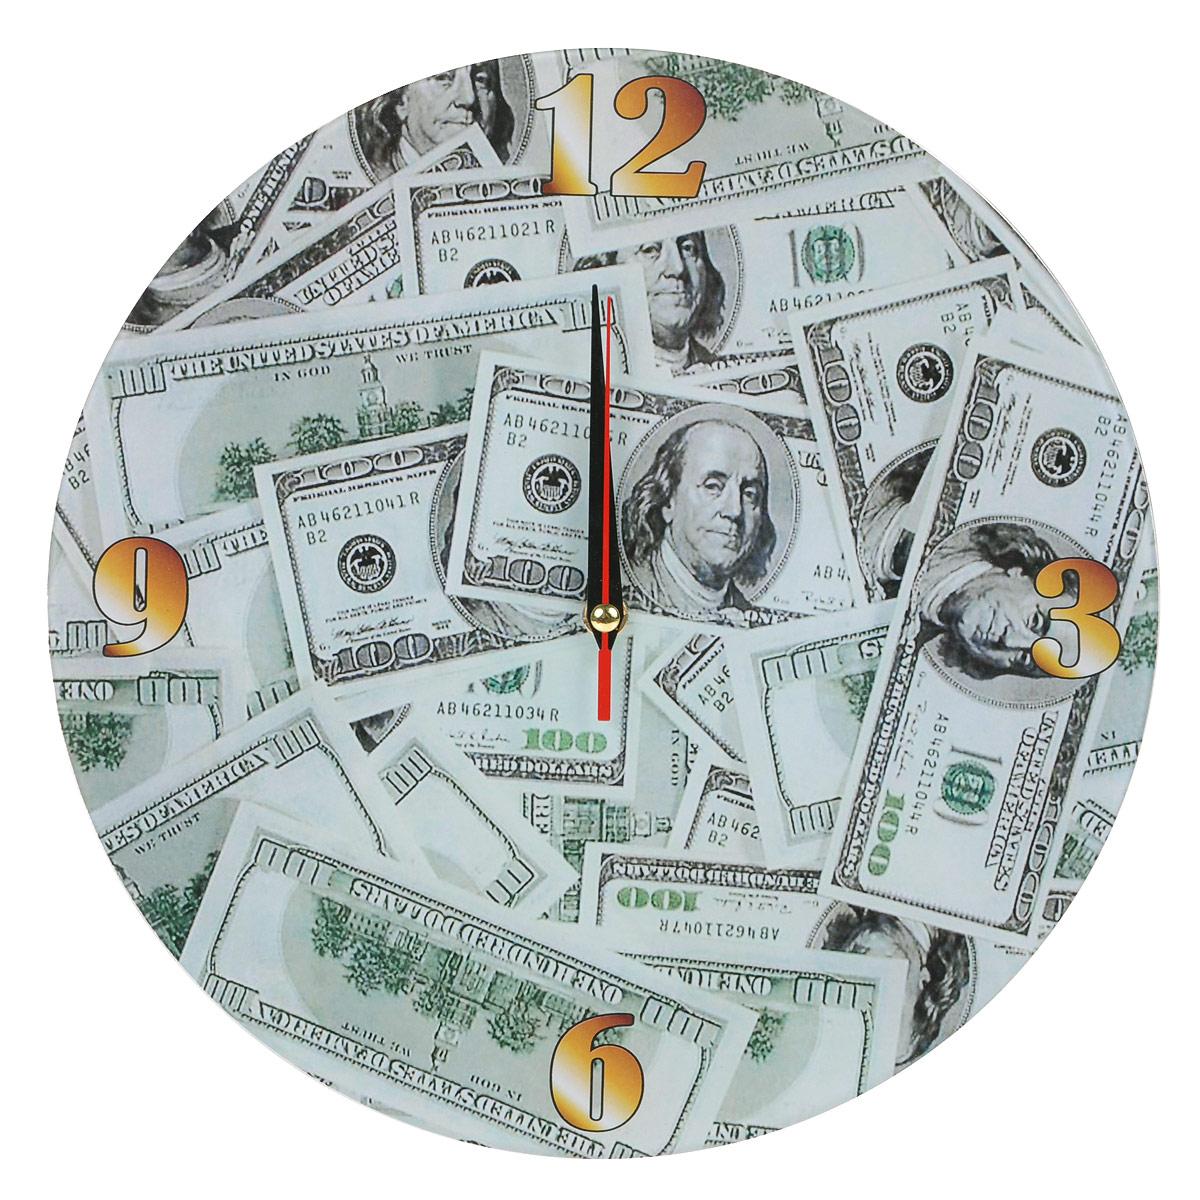 Часы настенные Доллары, стеклянные, цвет: зеленый. 9530595305Оригинальные настенные часы Доллары круглой формы выполнены из стекла и оформлены изображением долларов. Часы имеют три стрелки - часовую, минутную и секундную. Циферблат часов не защищен. Необычное дизайнерское решение и качество исполнения придутся по вкусу каждому. Оформите свой дом таким интерьерным аксессуаром или преподнесите его в качестве презента друзьям, и они оценят ваш оригинальный вкус и неординарность подарка.